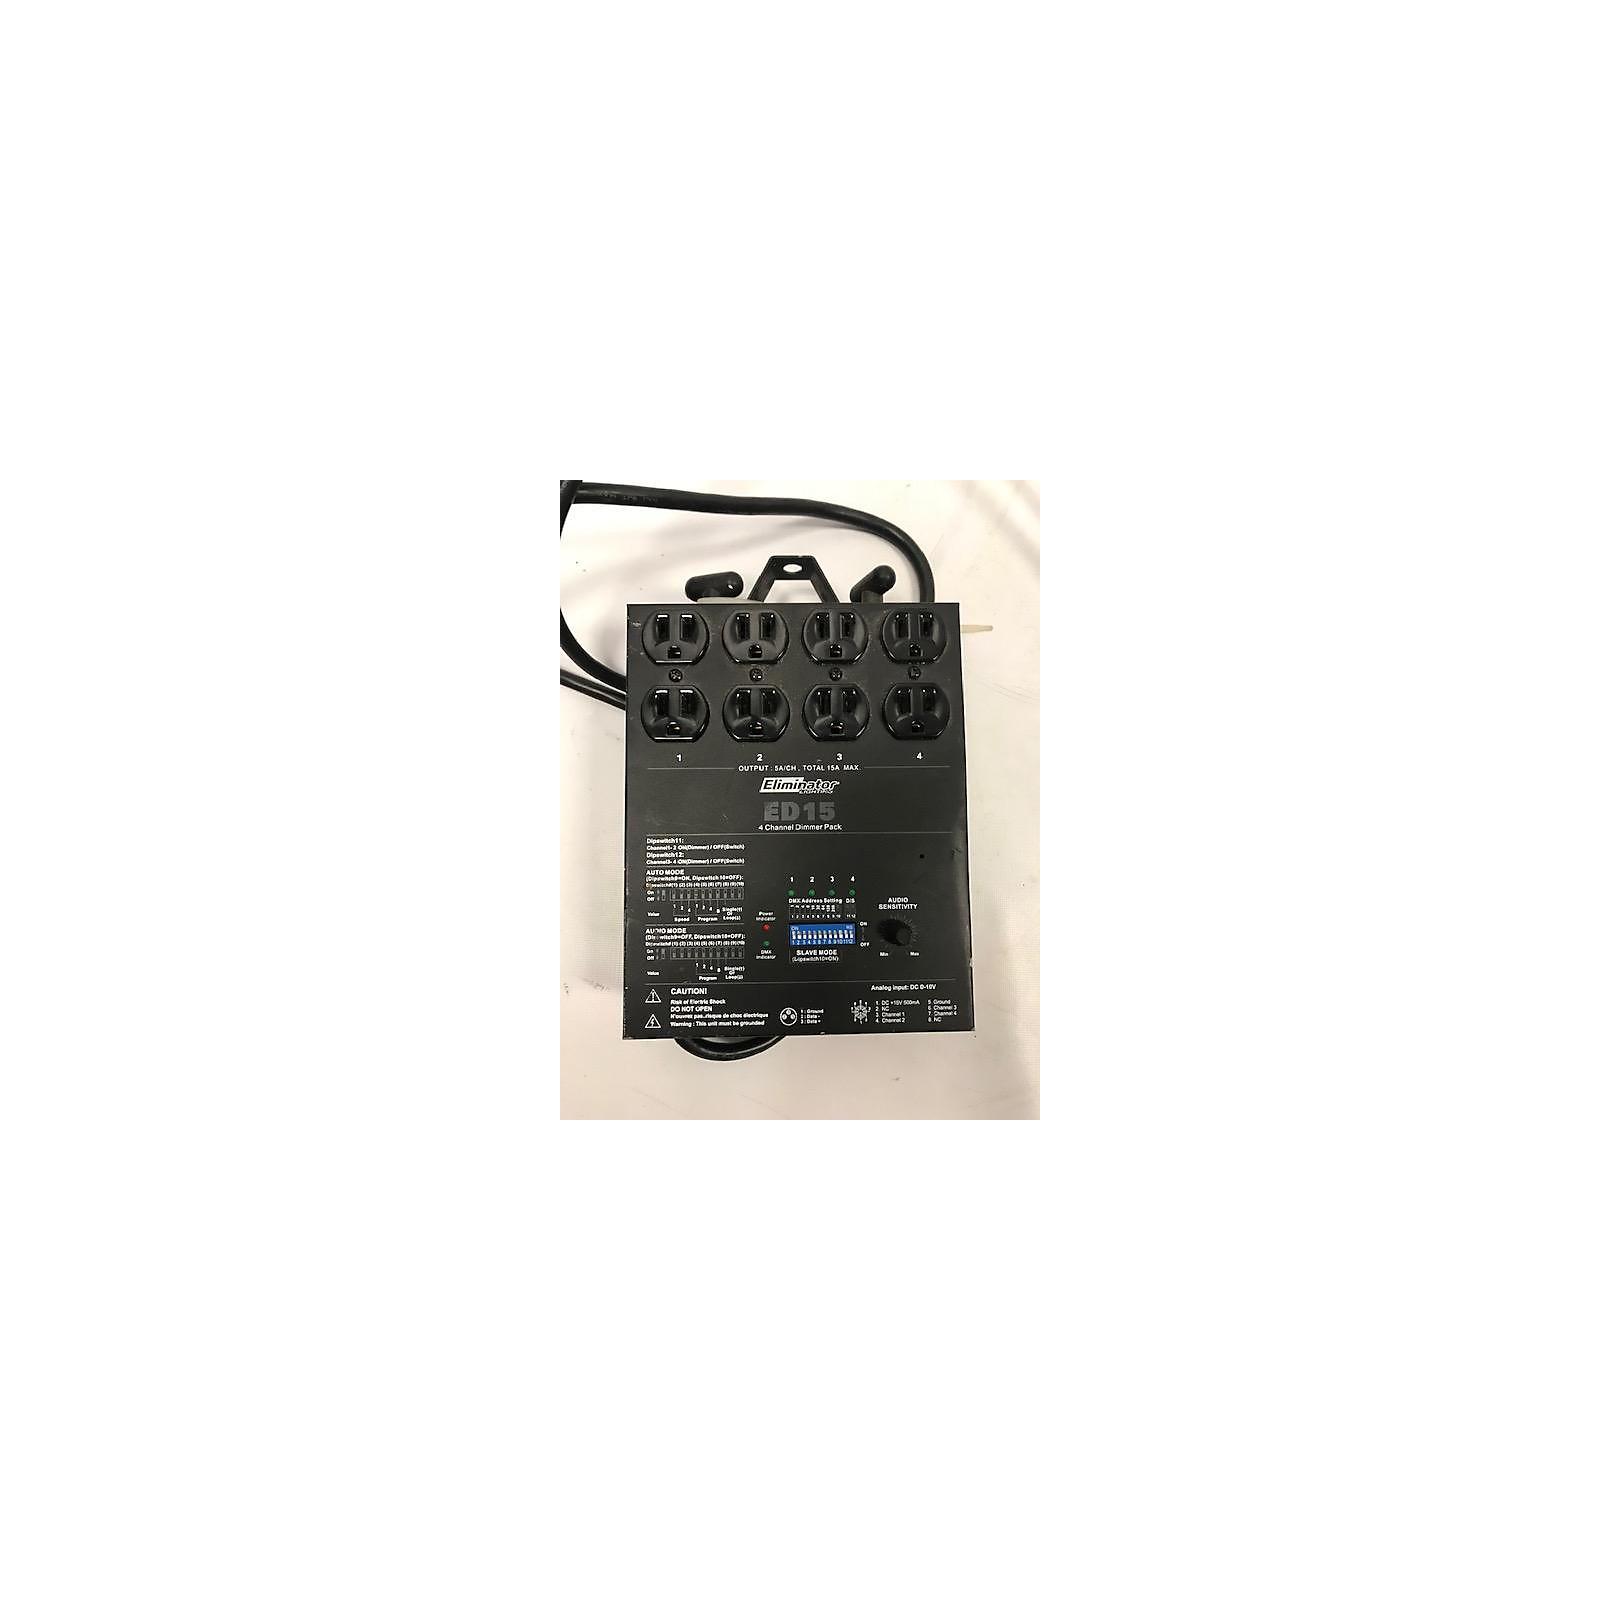 Eliminator Lighting ED15 Lighting Controller